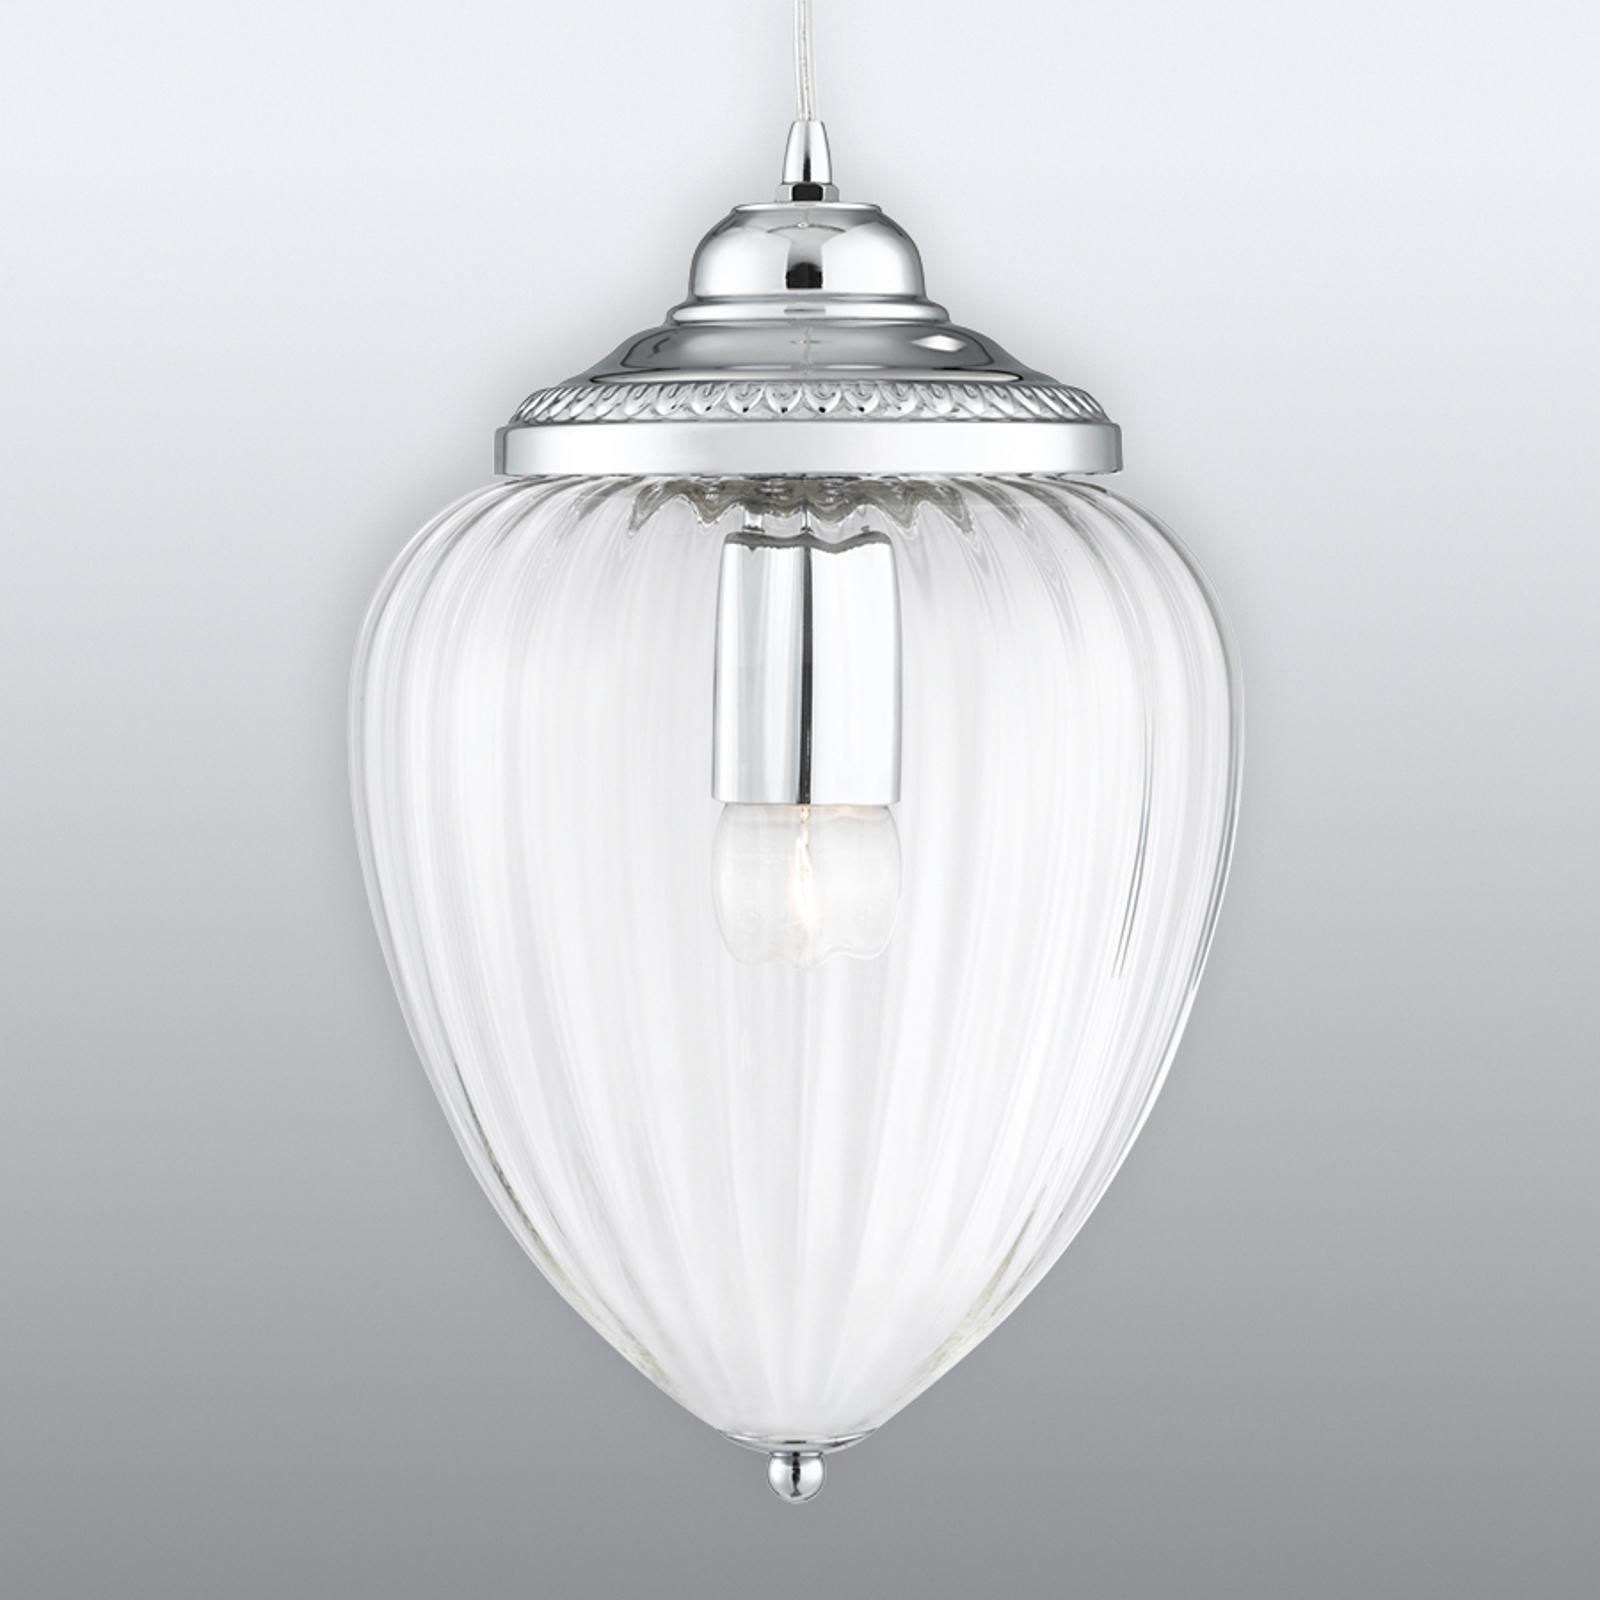 Szklana lampa wisząca Pendants ze żłobieniami